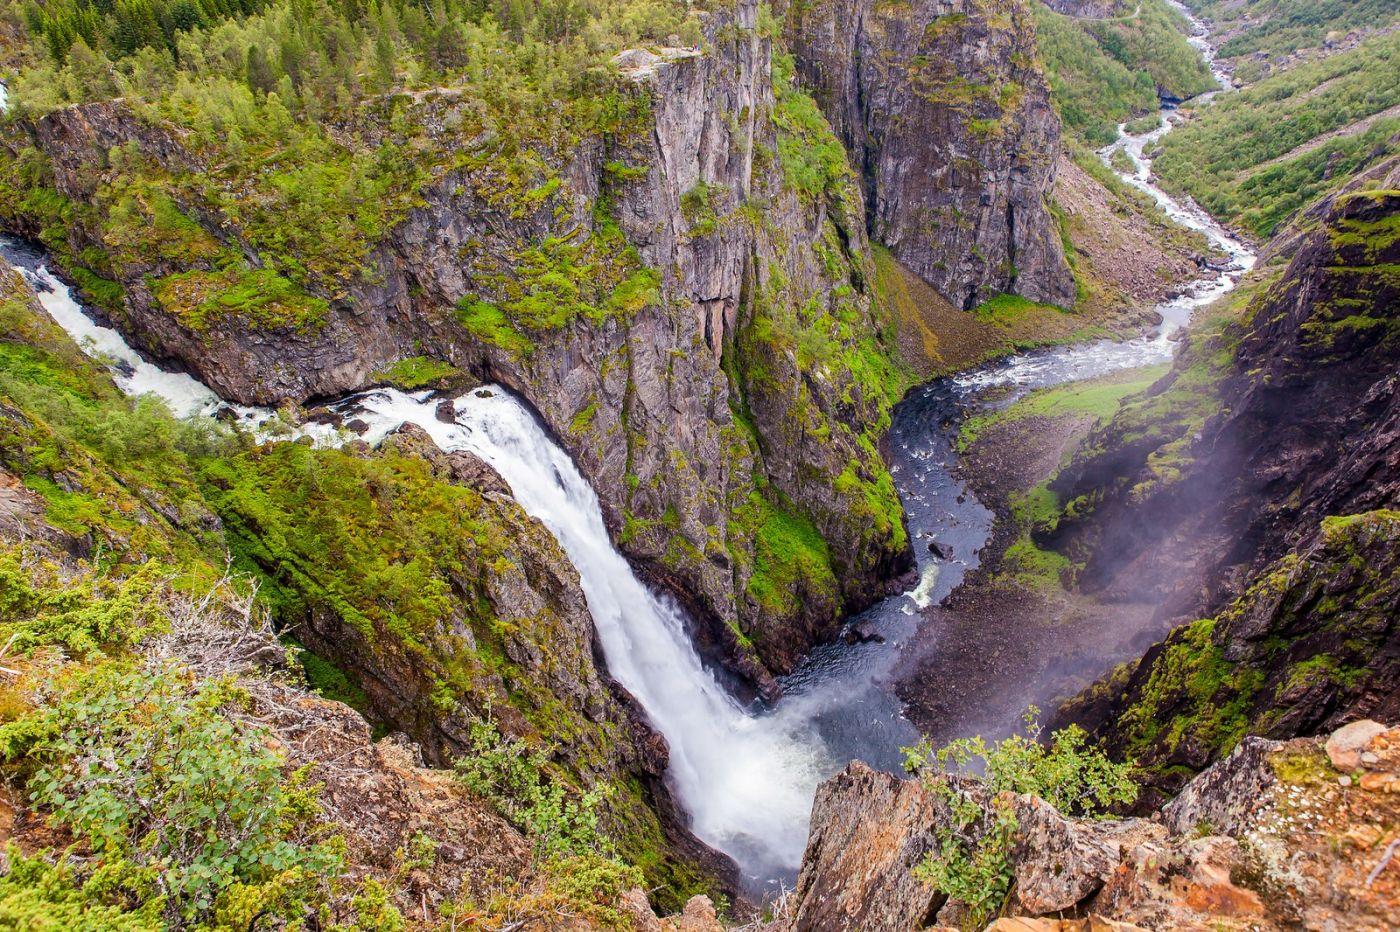 北欧风光,高山瀑布一泻千里_图1-10